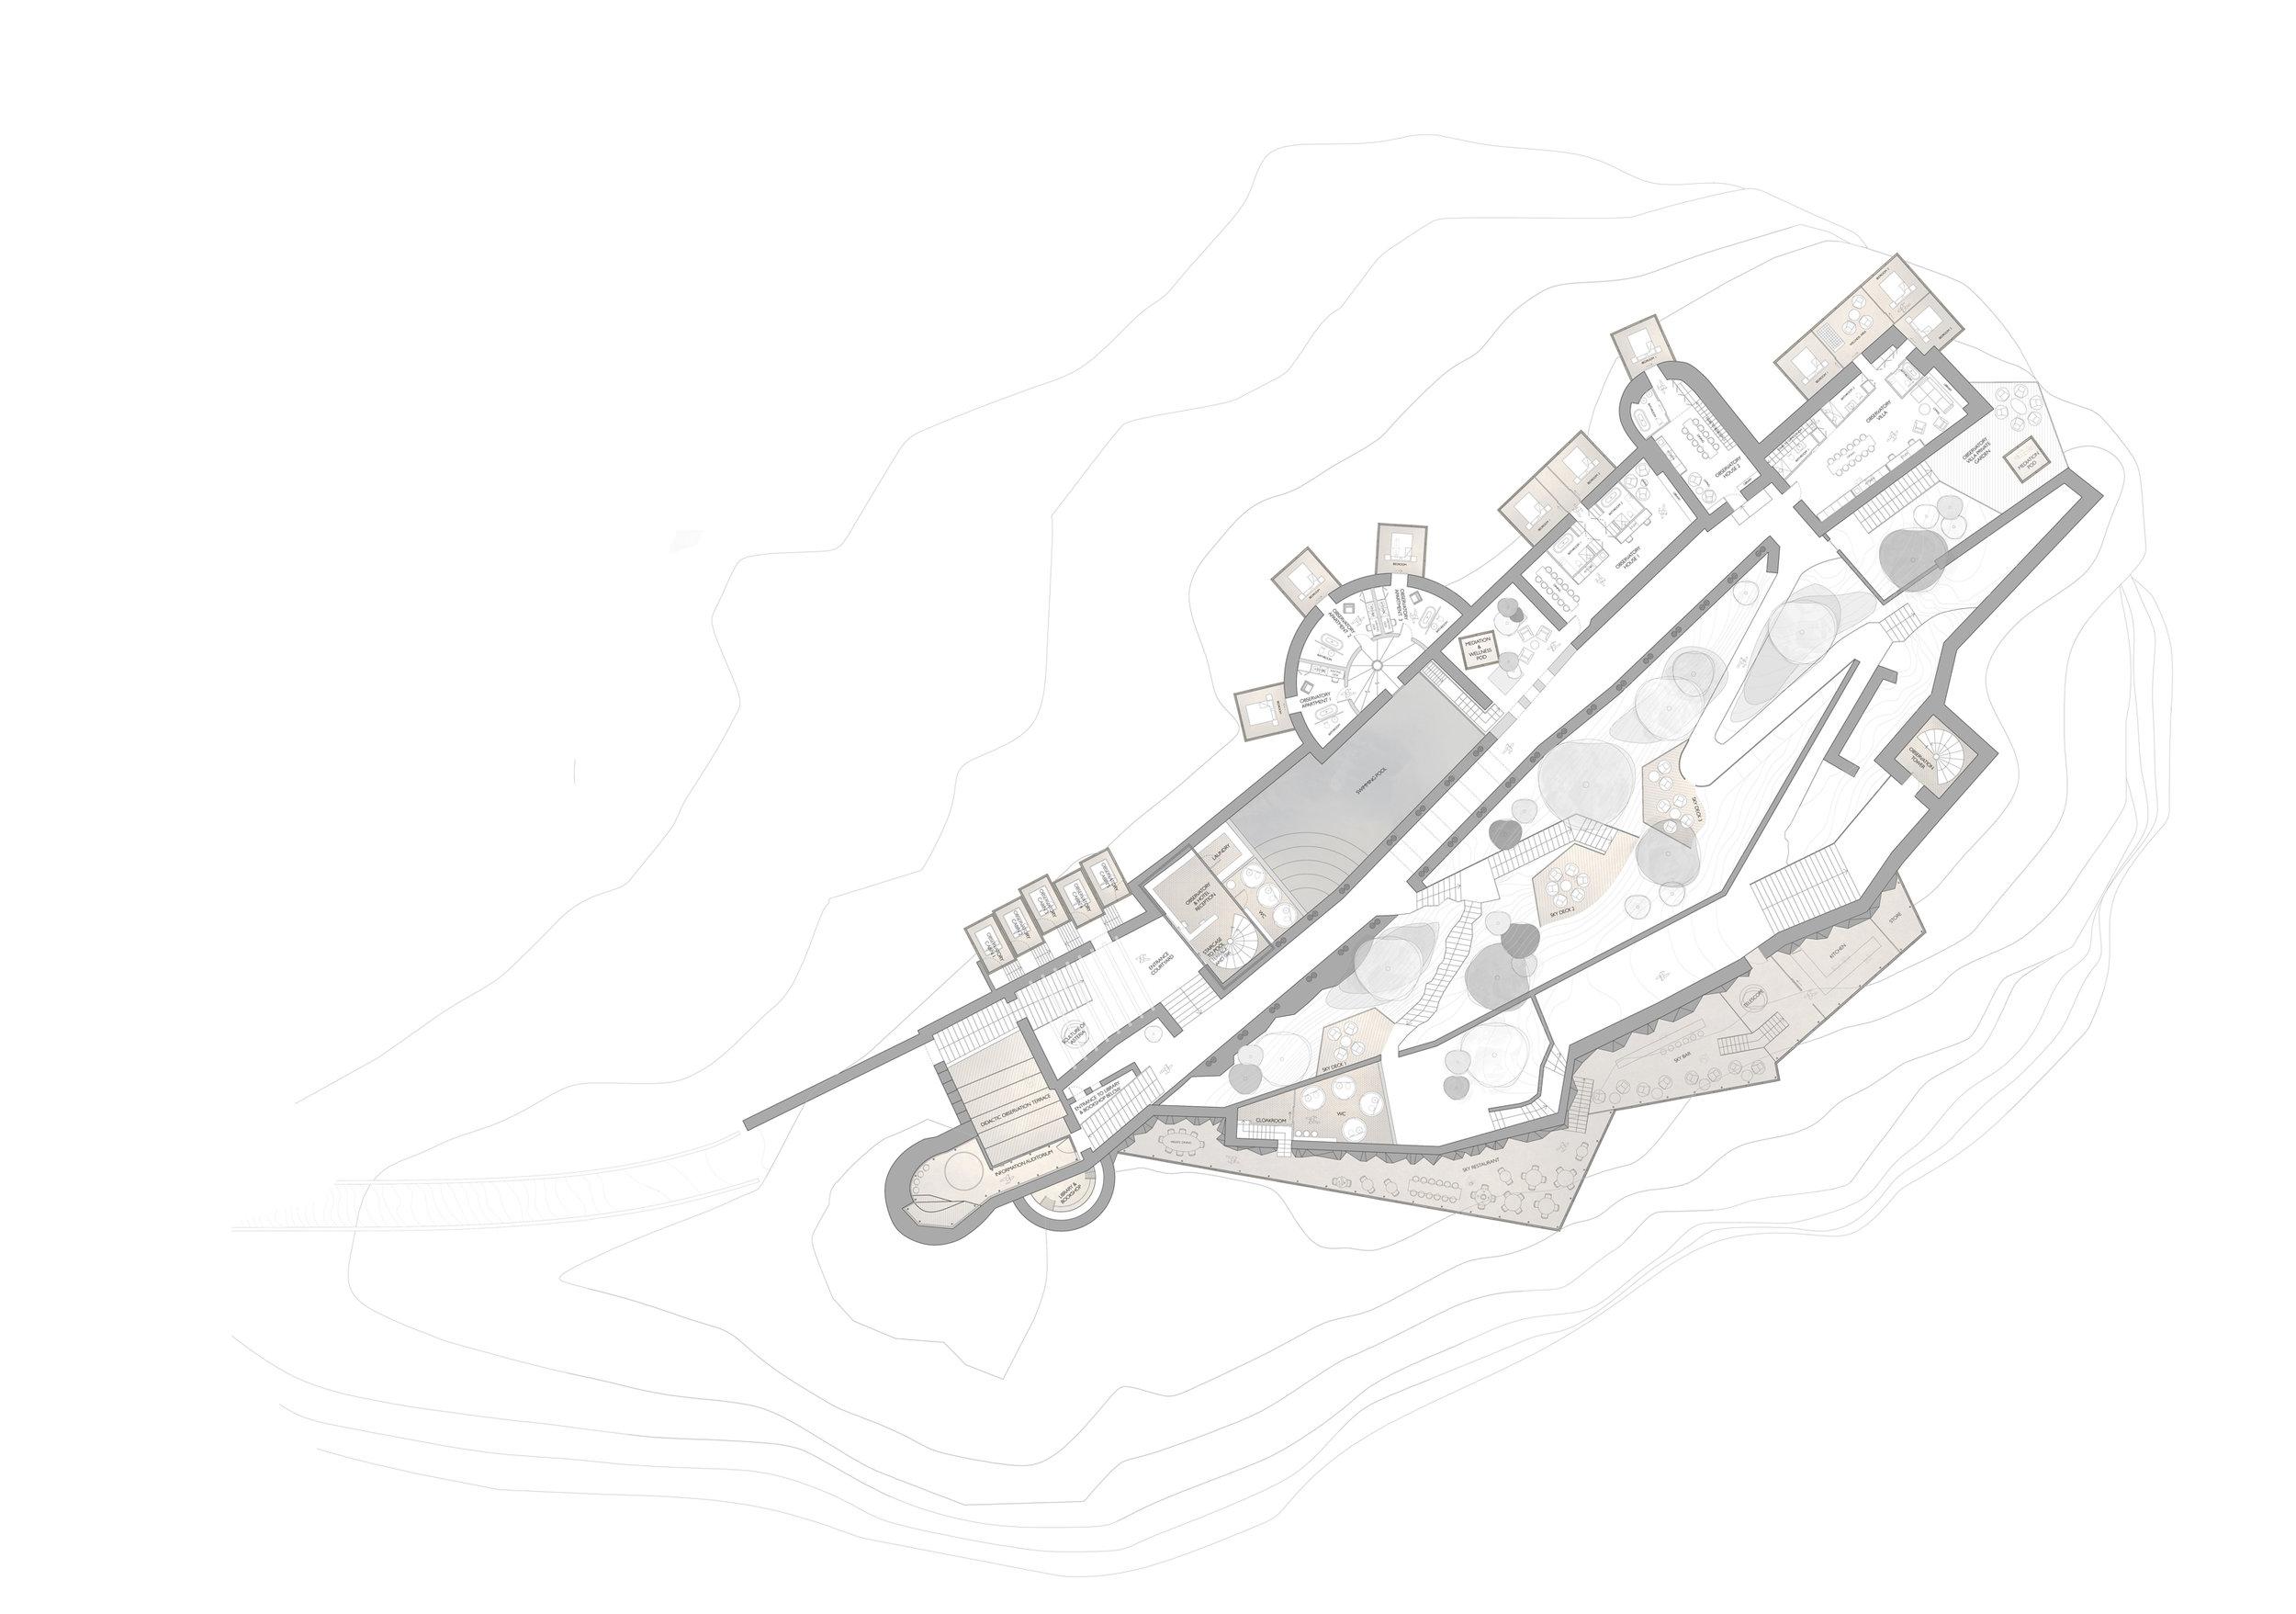 1705_100_Proposed Plans V2.jpg